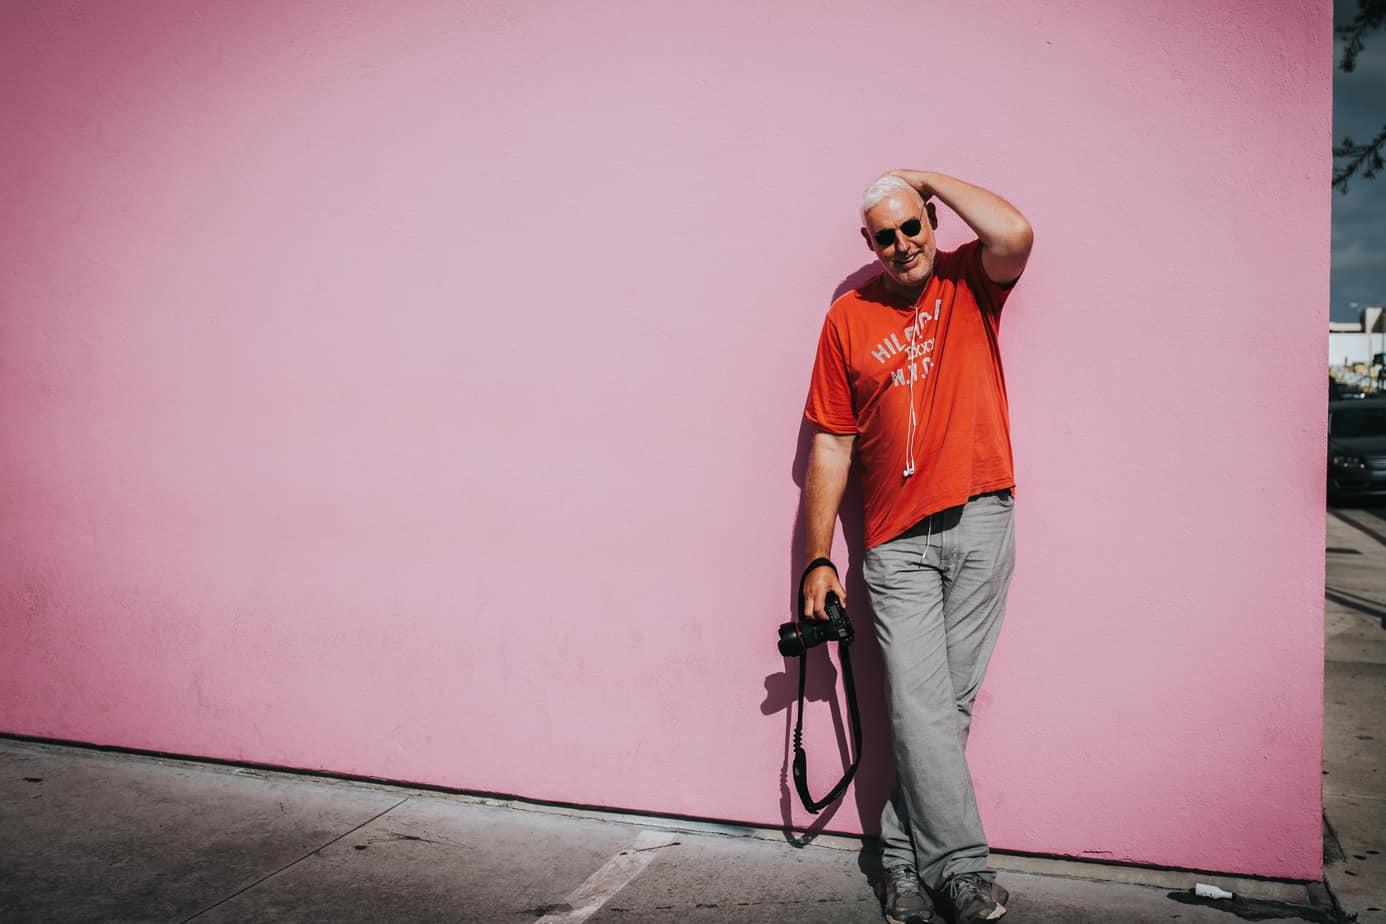 der Porträtfotograf in Los Angeles 2016